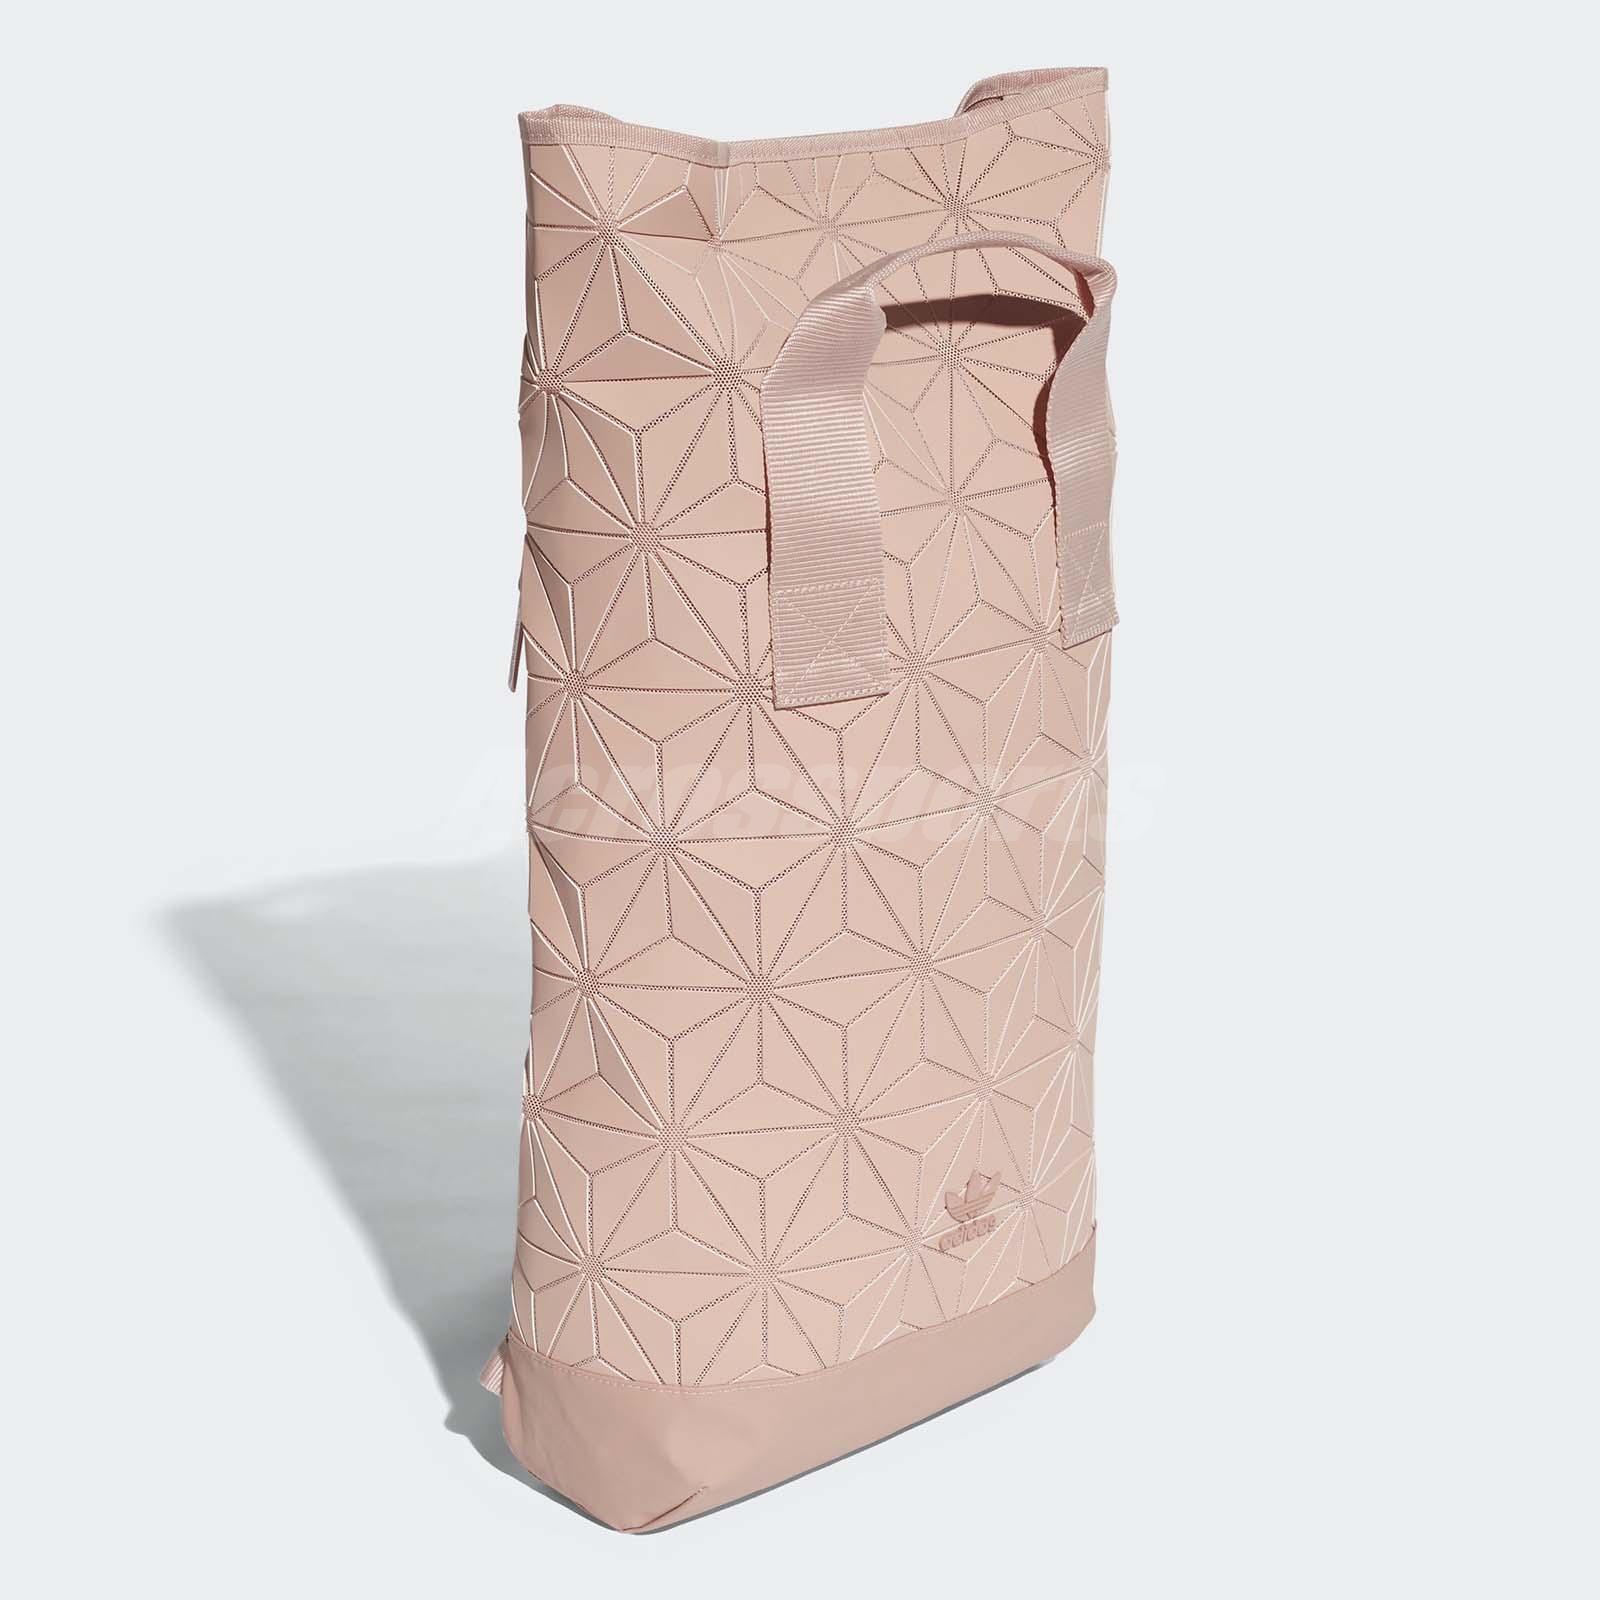 21bdd9de6dfe Japan Adidas Originals 3d Mesh Roll Up Backpack Roll Top- Fenix ...